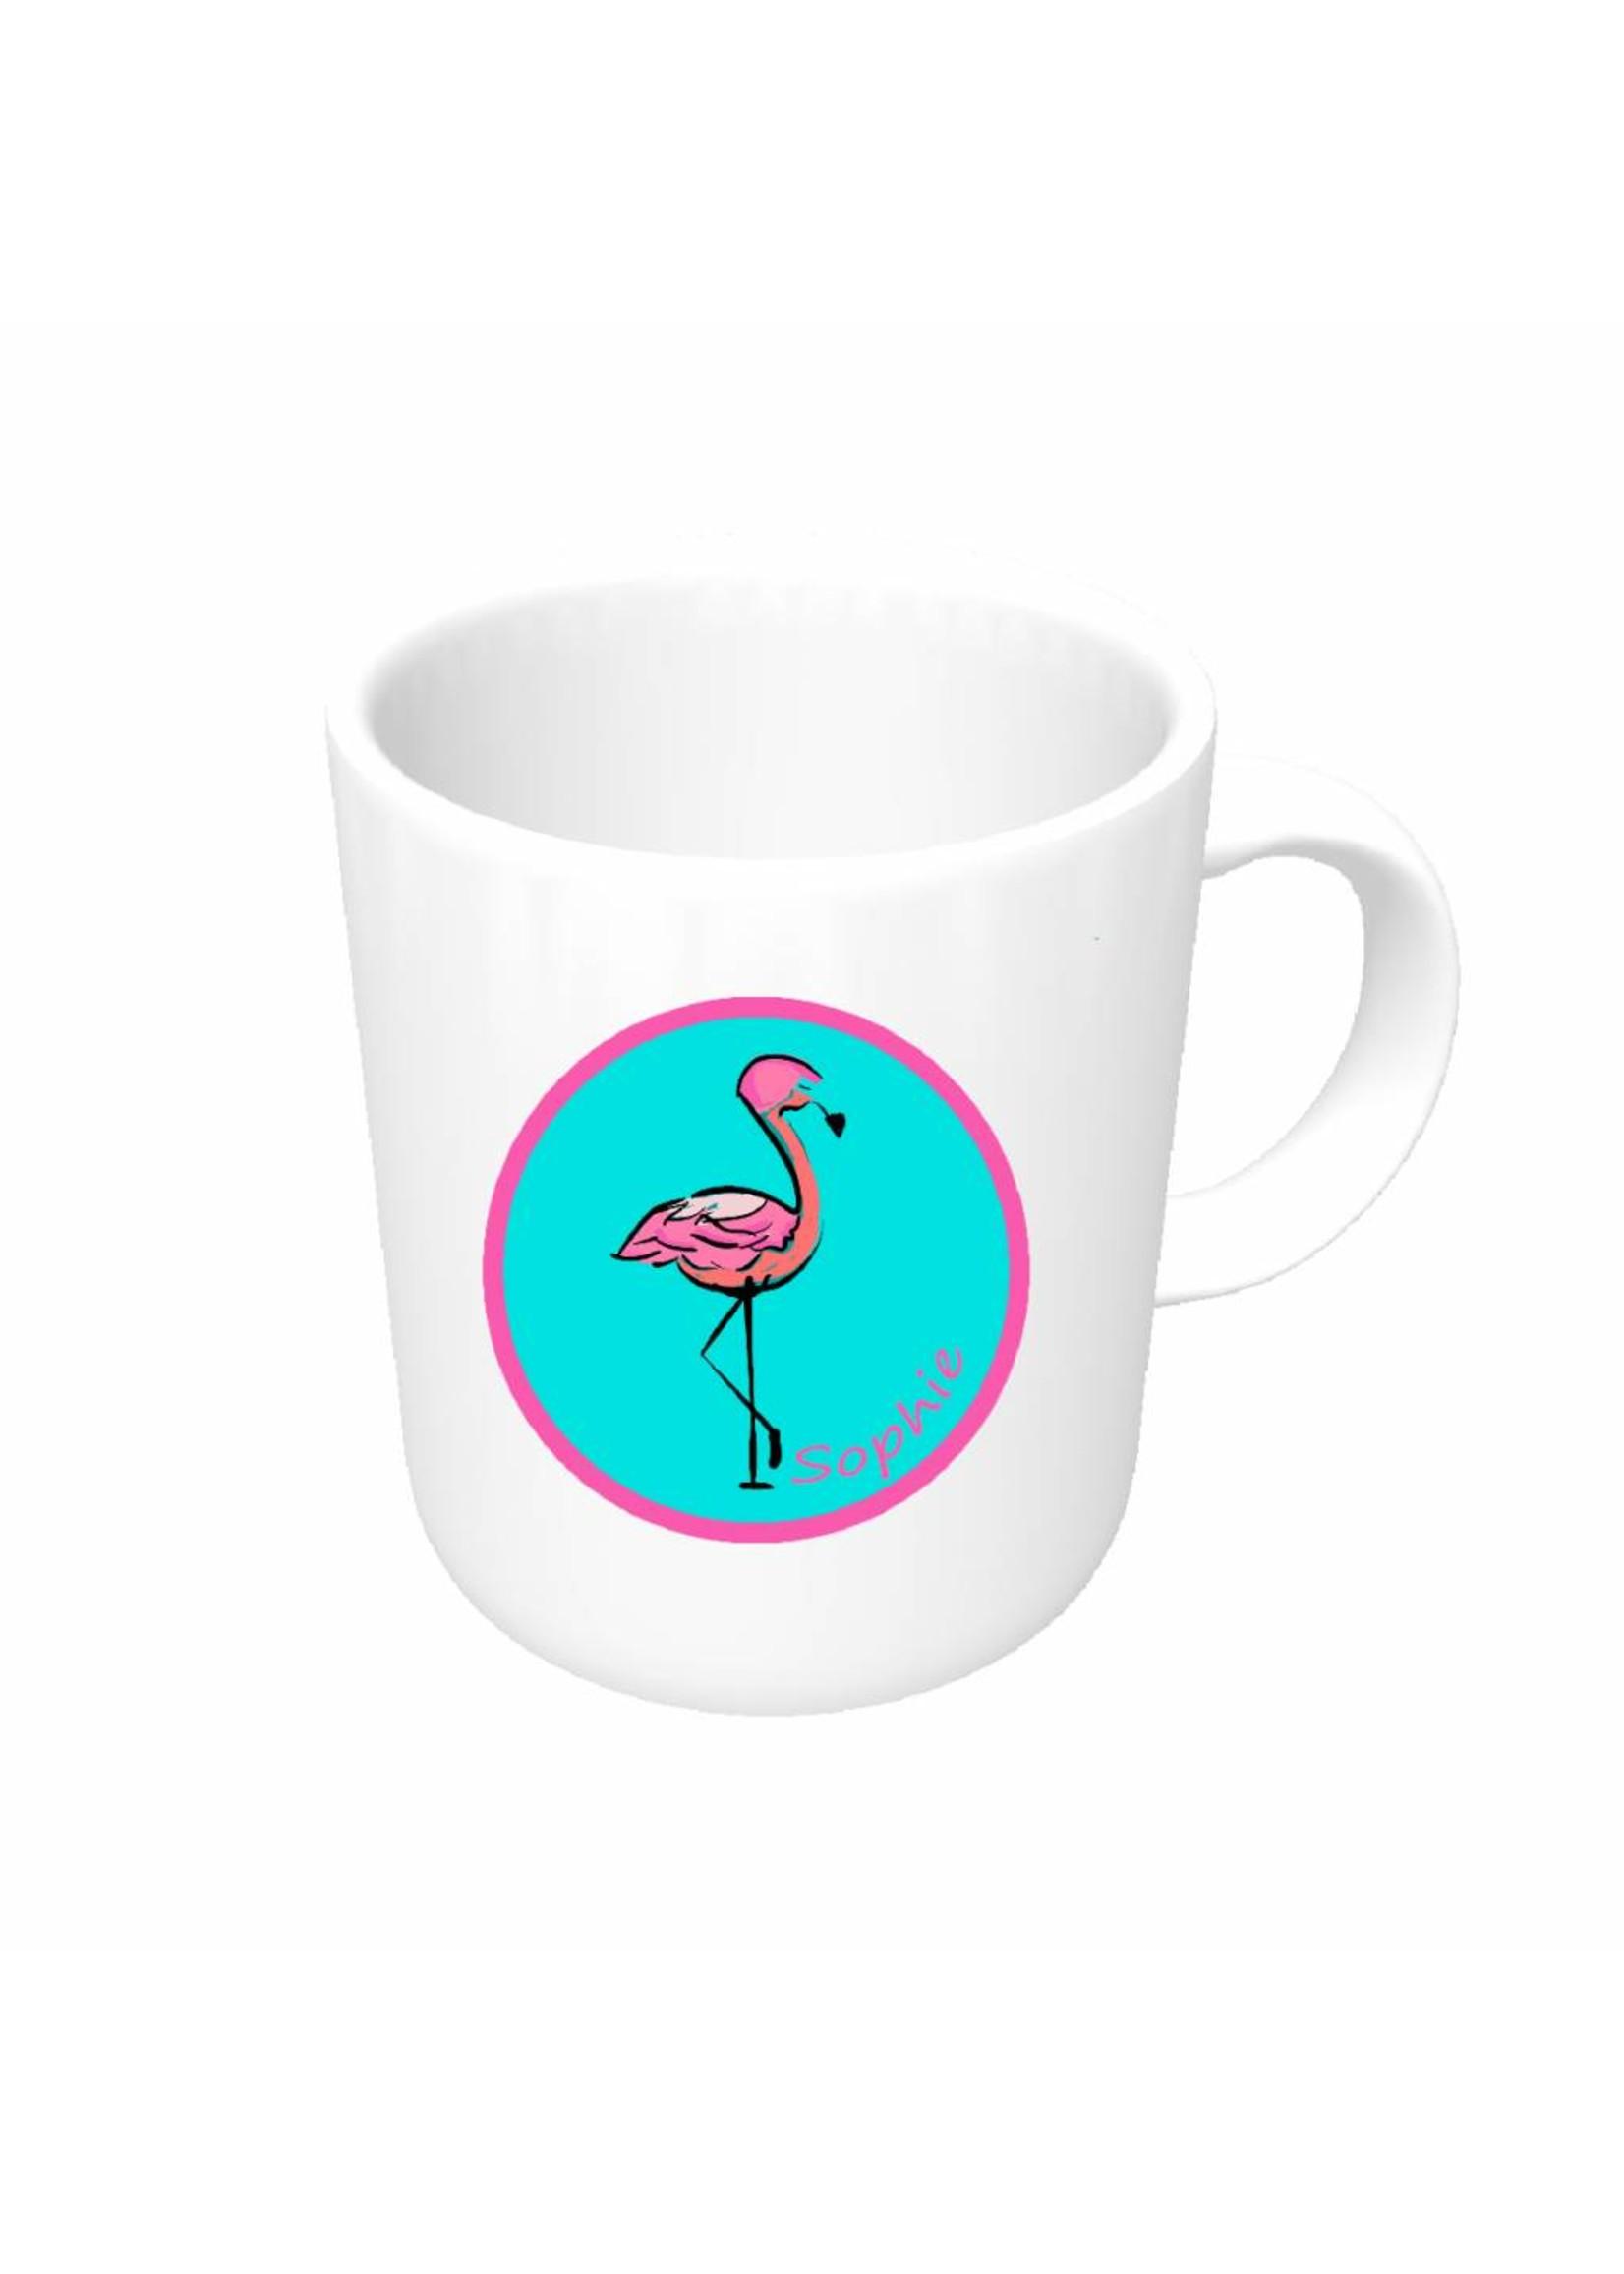 Mok flamingo met naam